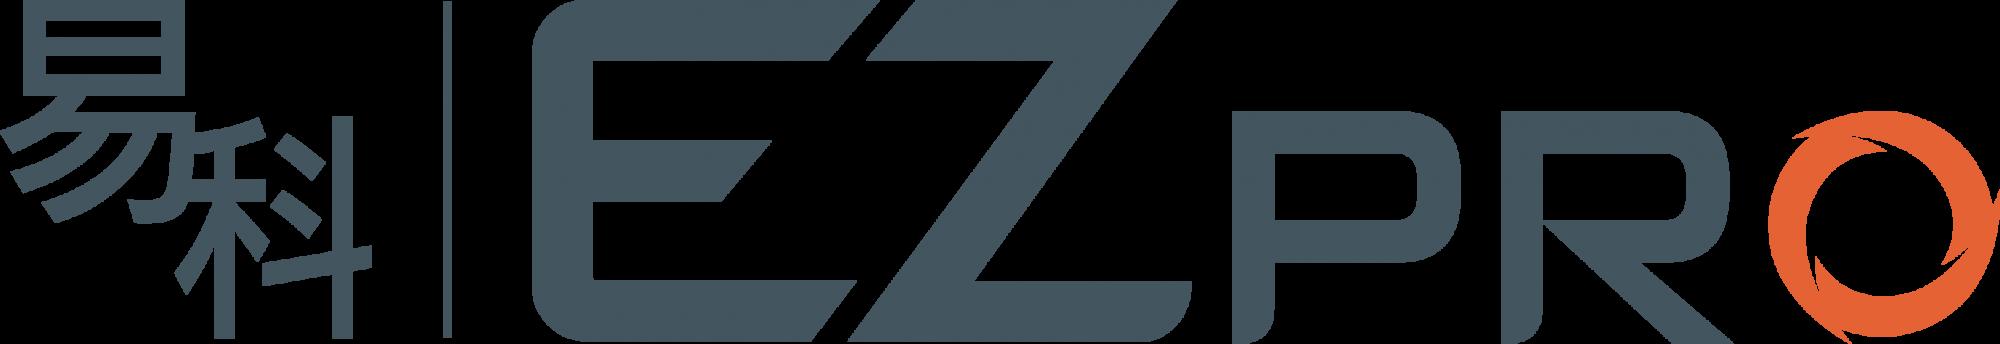 ezpro-logo.png